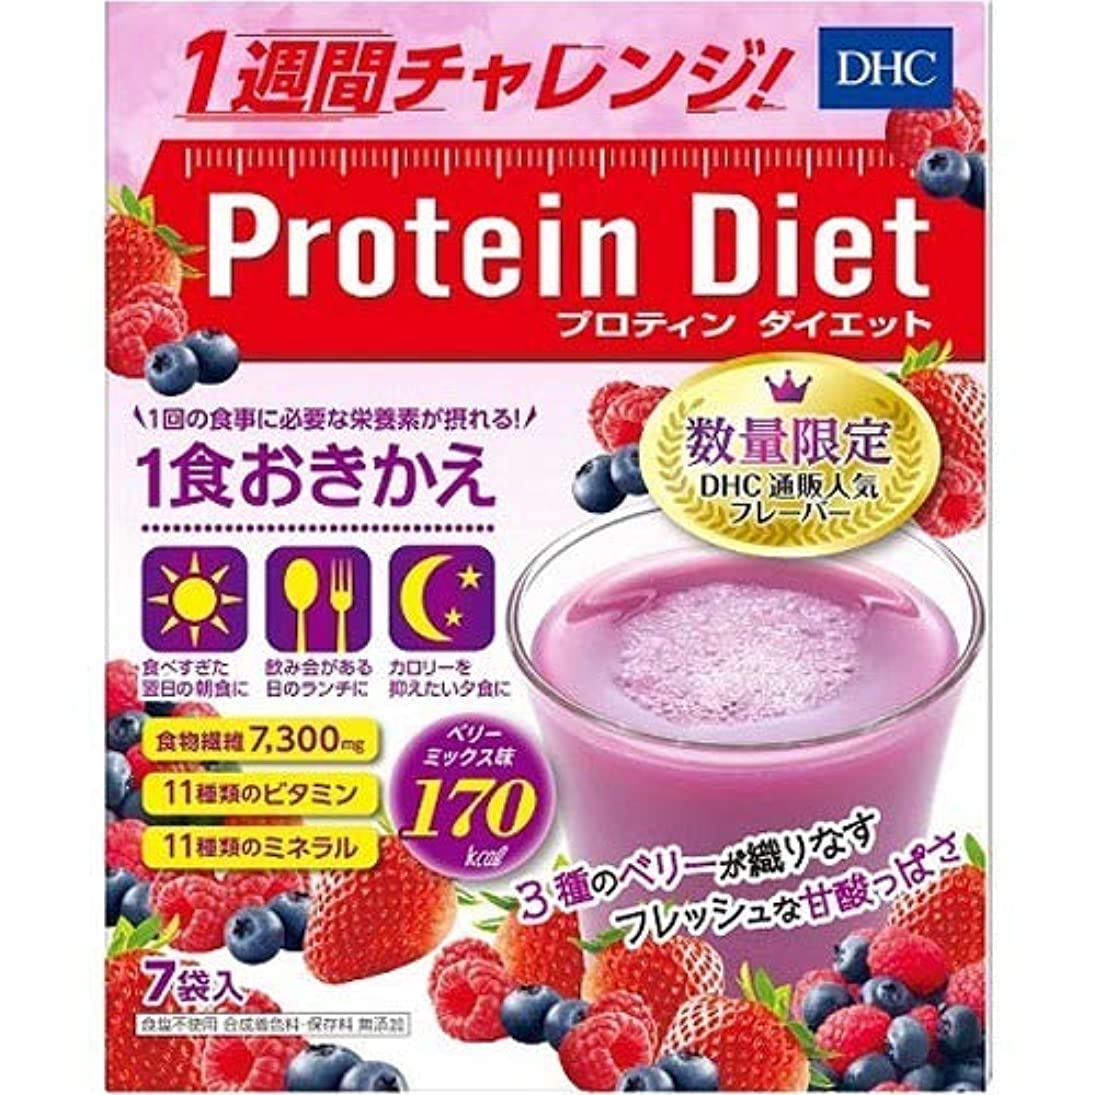 差し引くアライメント一般的なDHC プロティンダイエット ベリーミックス味 7袋